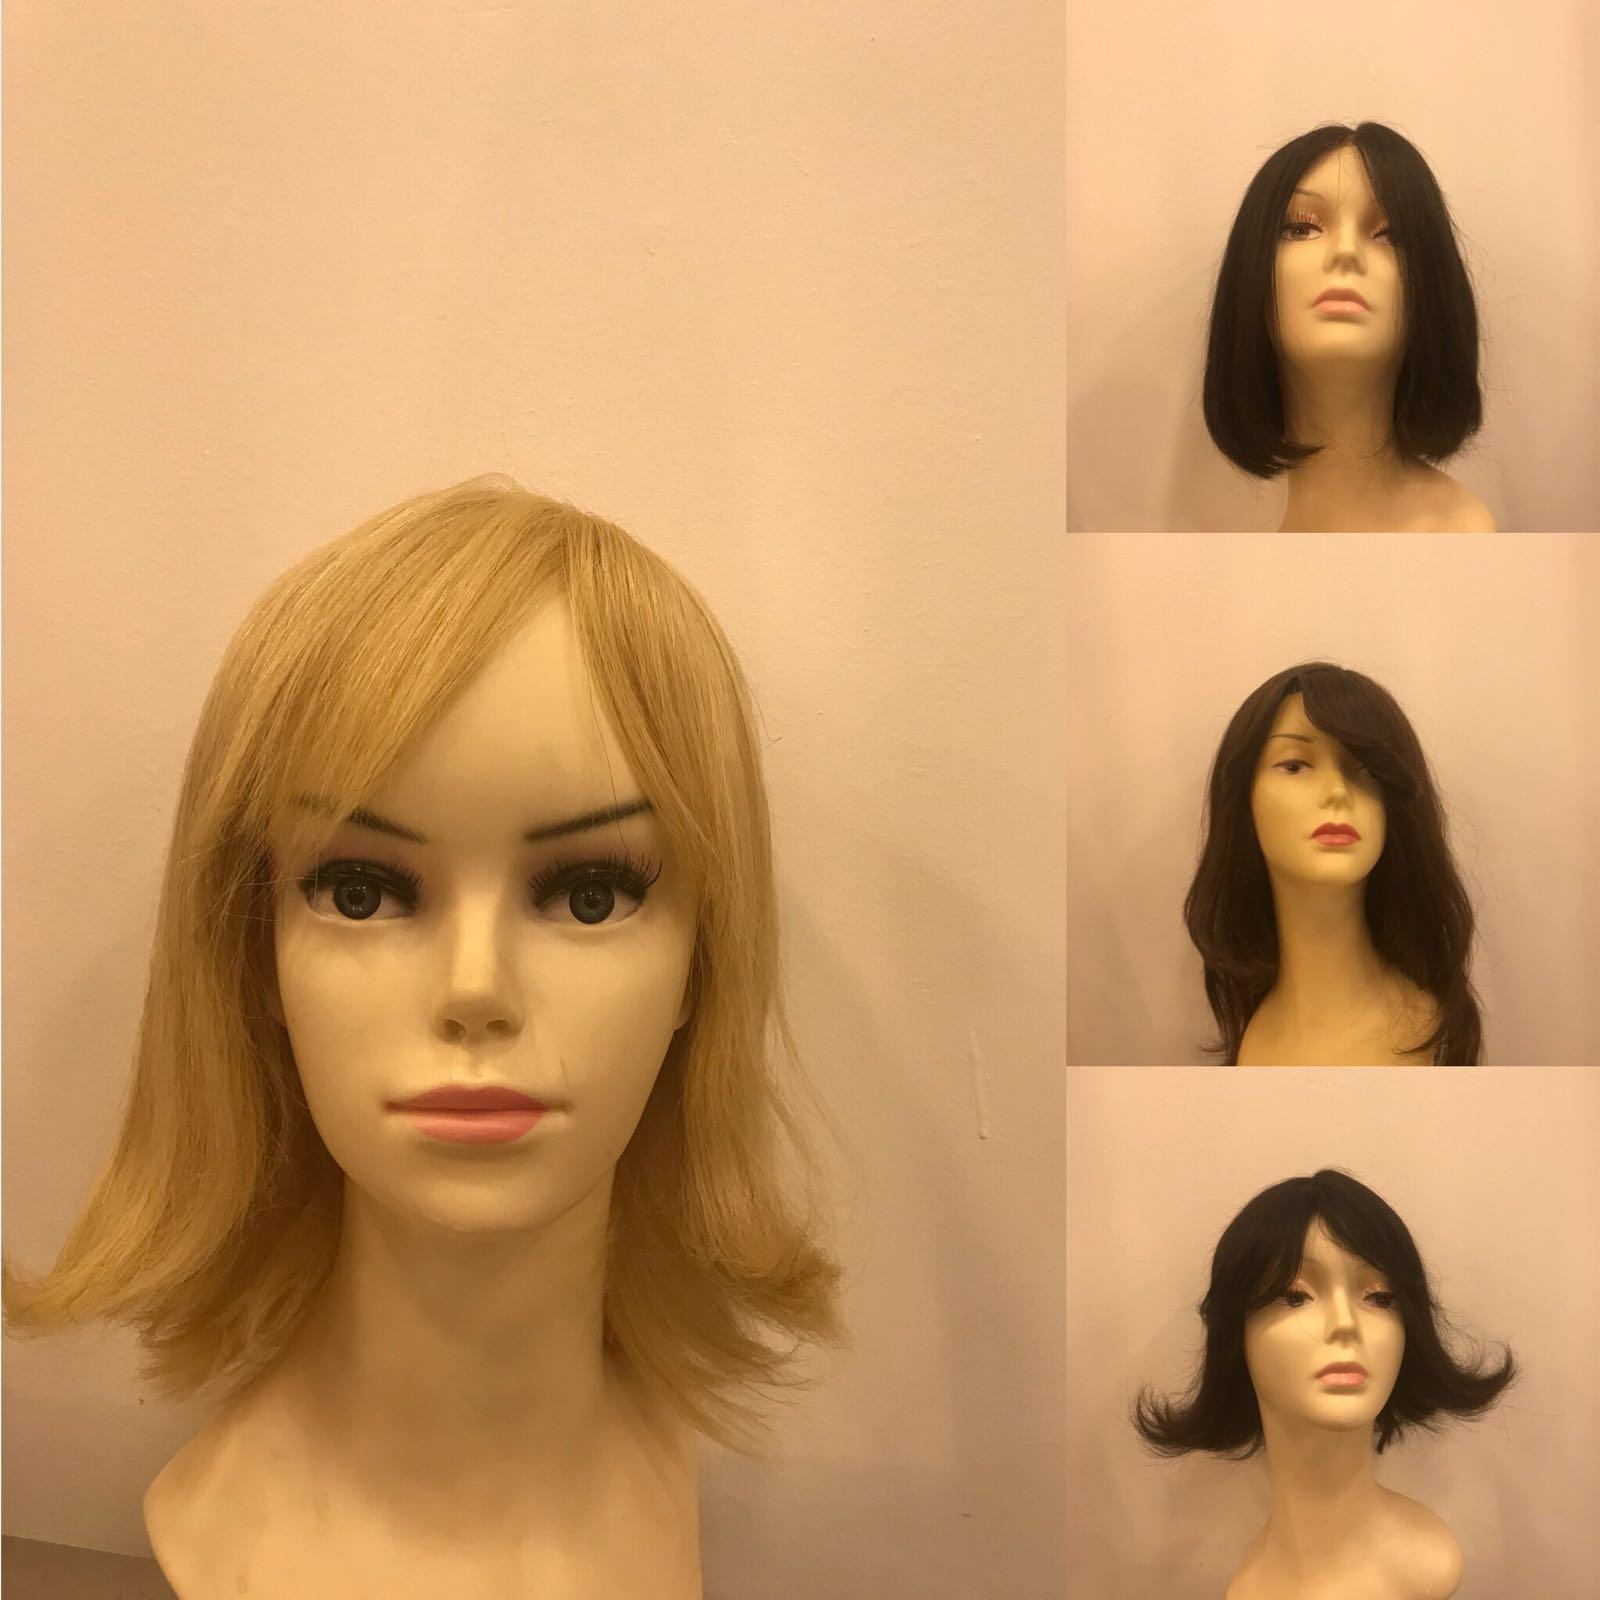 iki yana perçemli sarı kısa medikal peruk